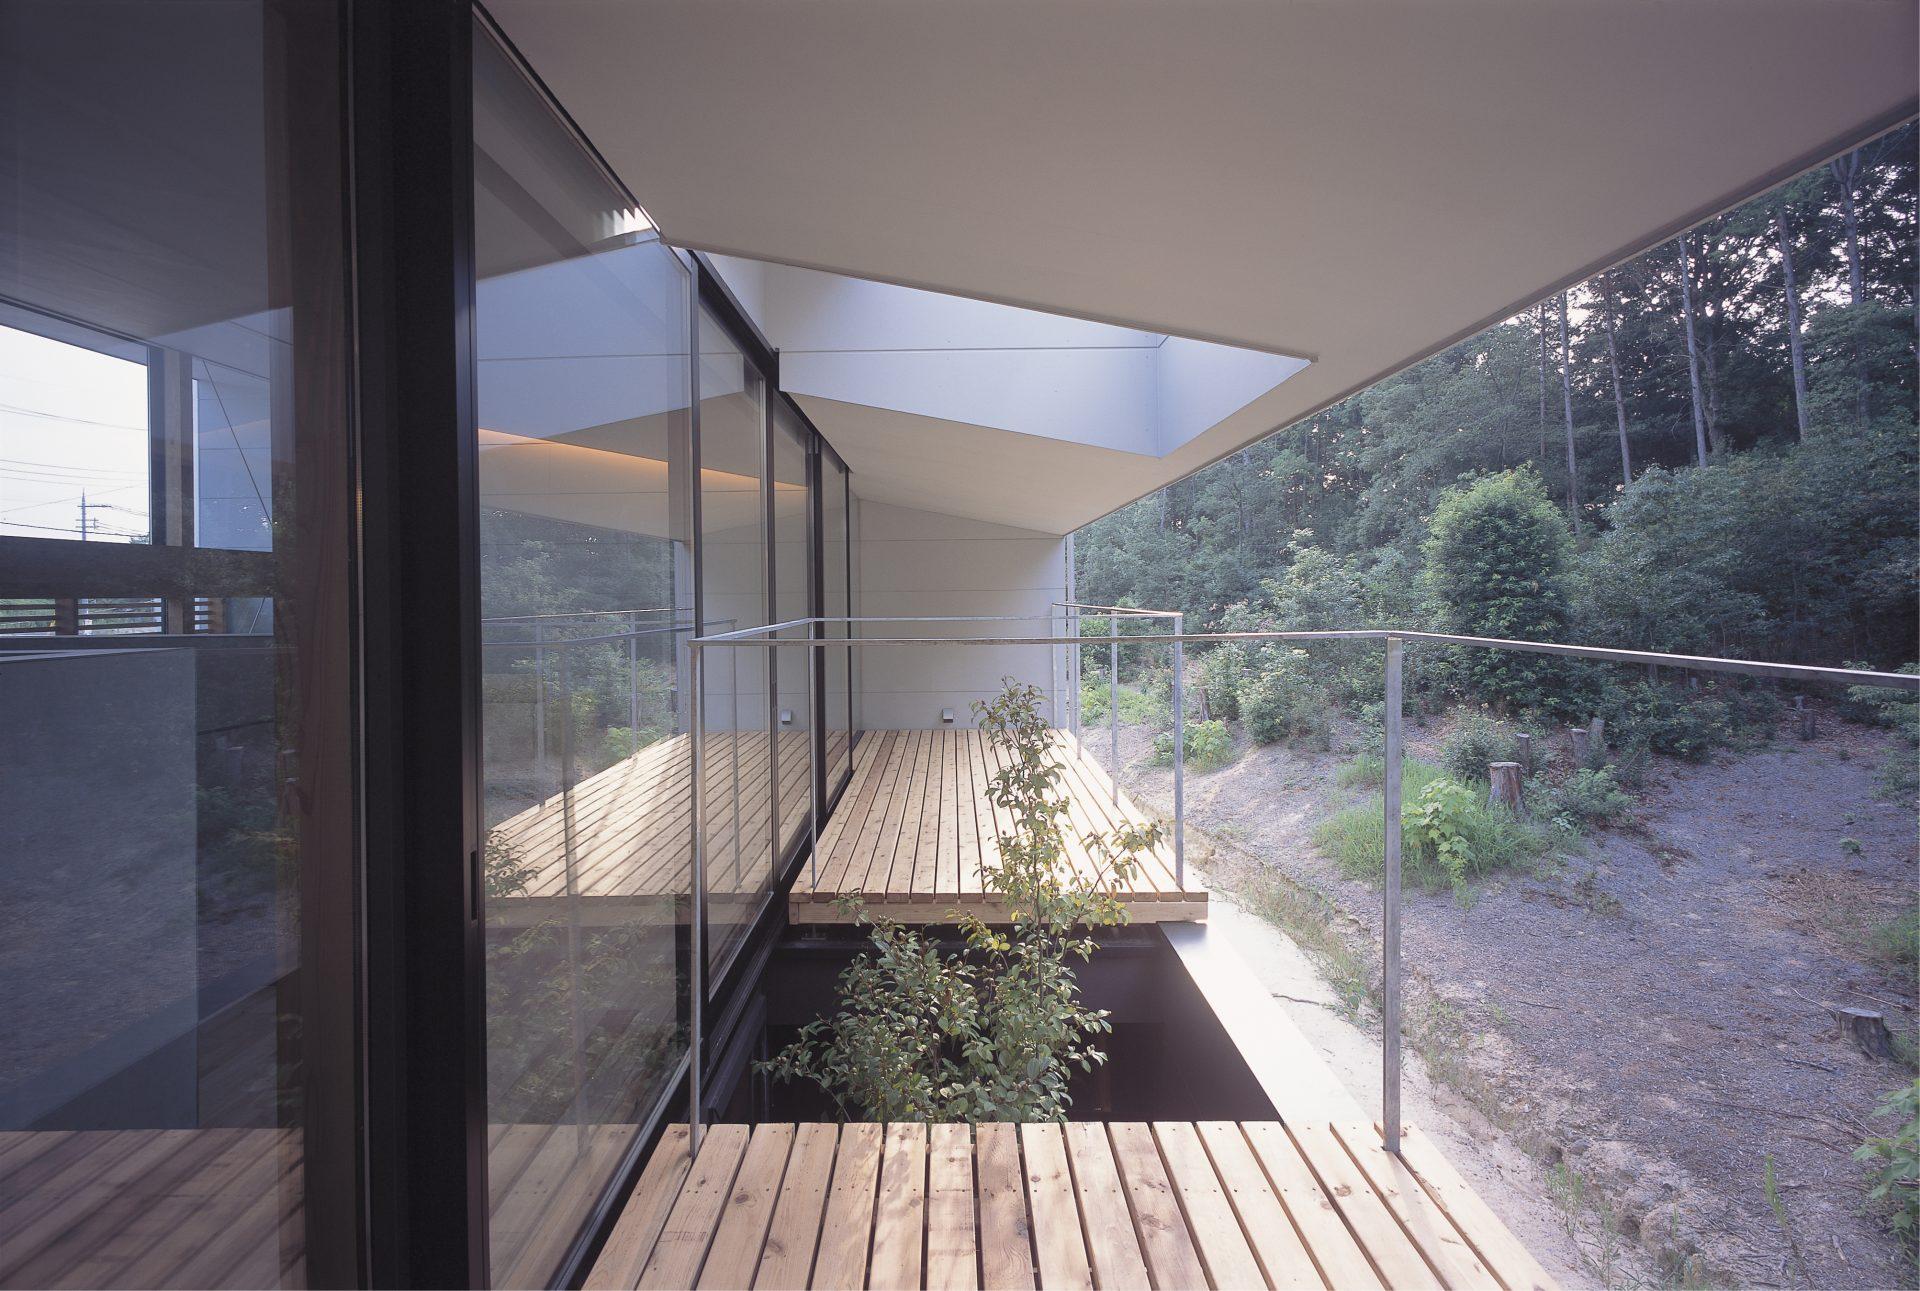 奈良登美ヶ丘の家のバルコニー02